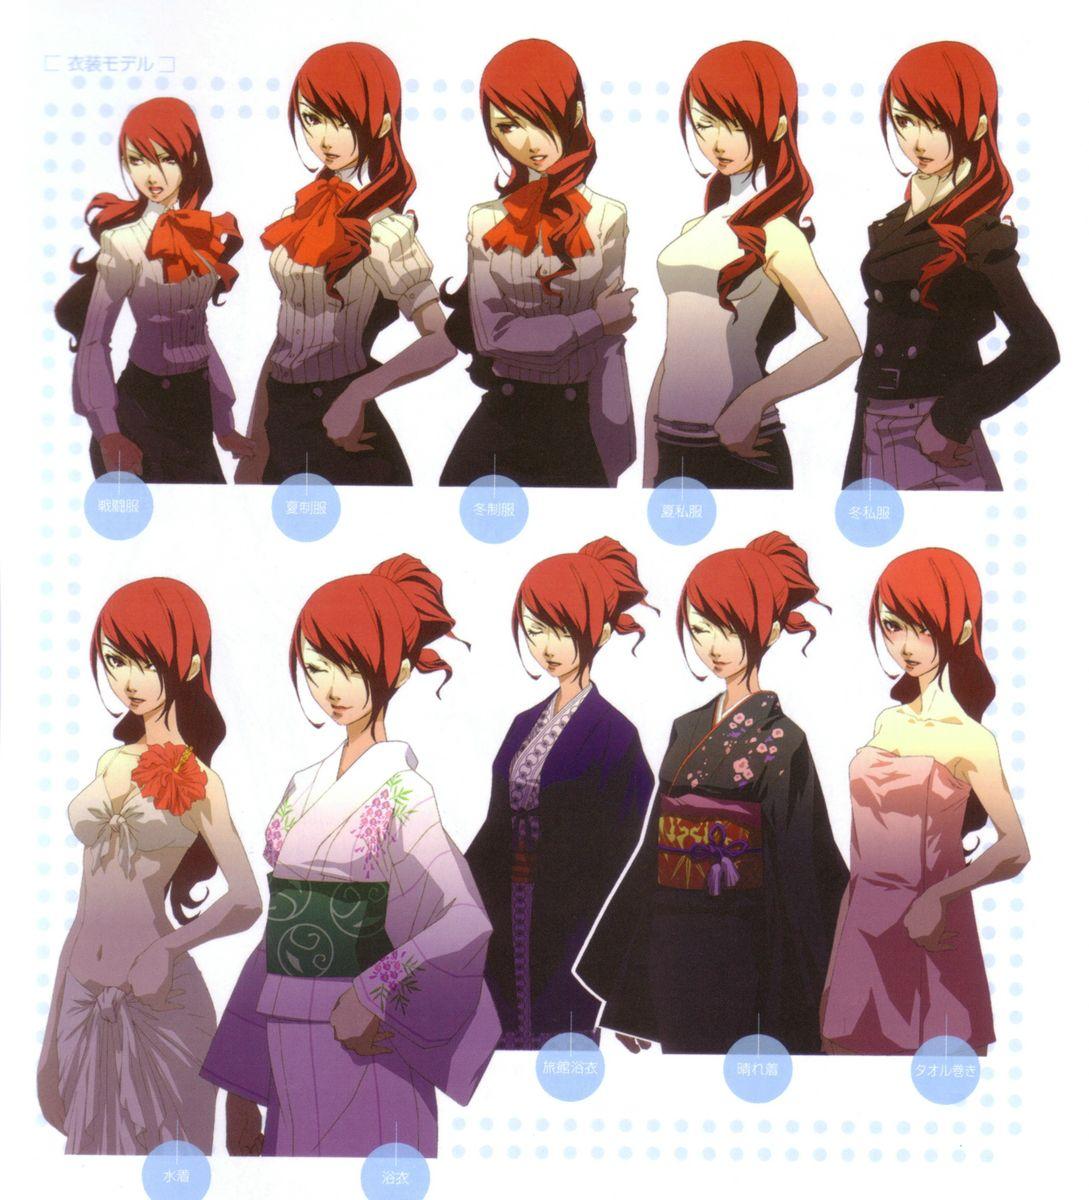 Shin Megami Tensei : Persona 3 (Cutscene 3 - Orpheus) Concept_artwork_of_Mitsuru%E2%80%99s_expressions